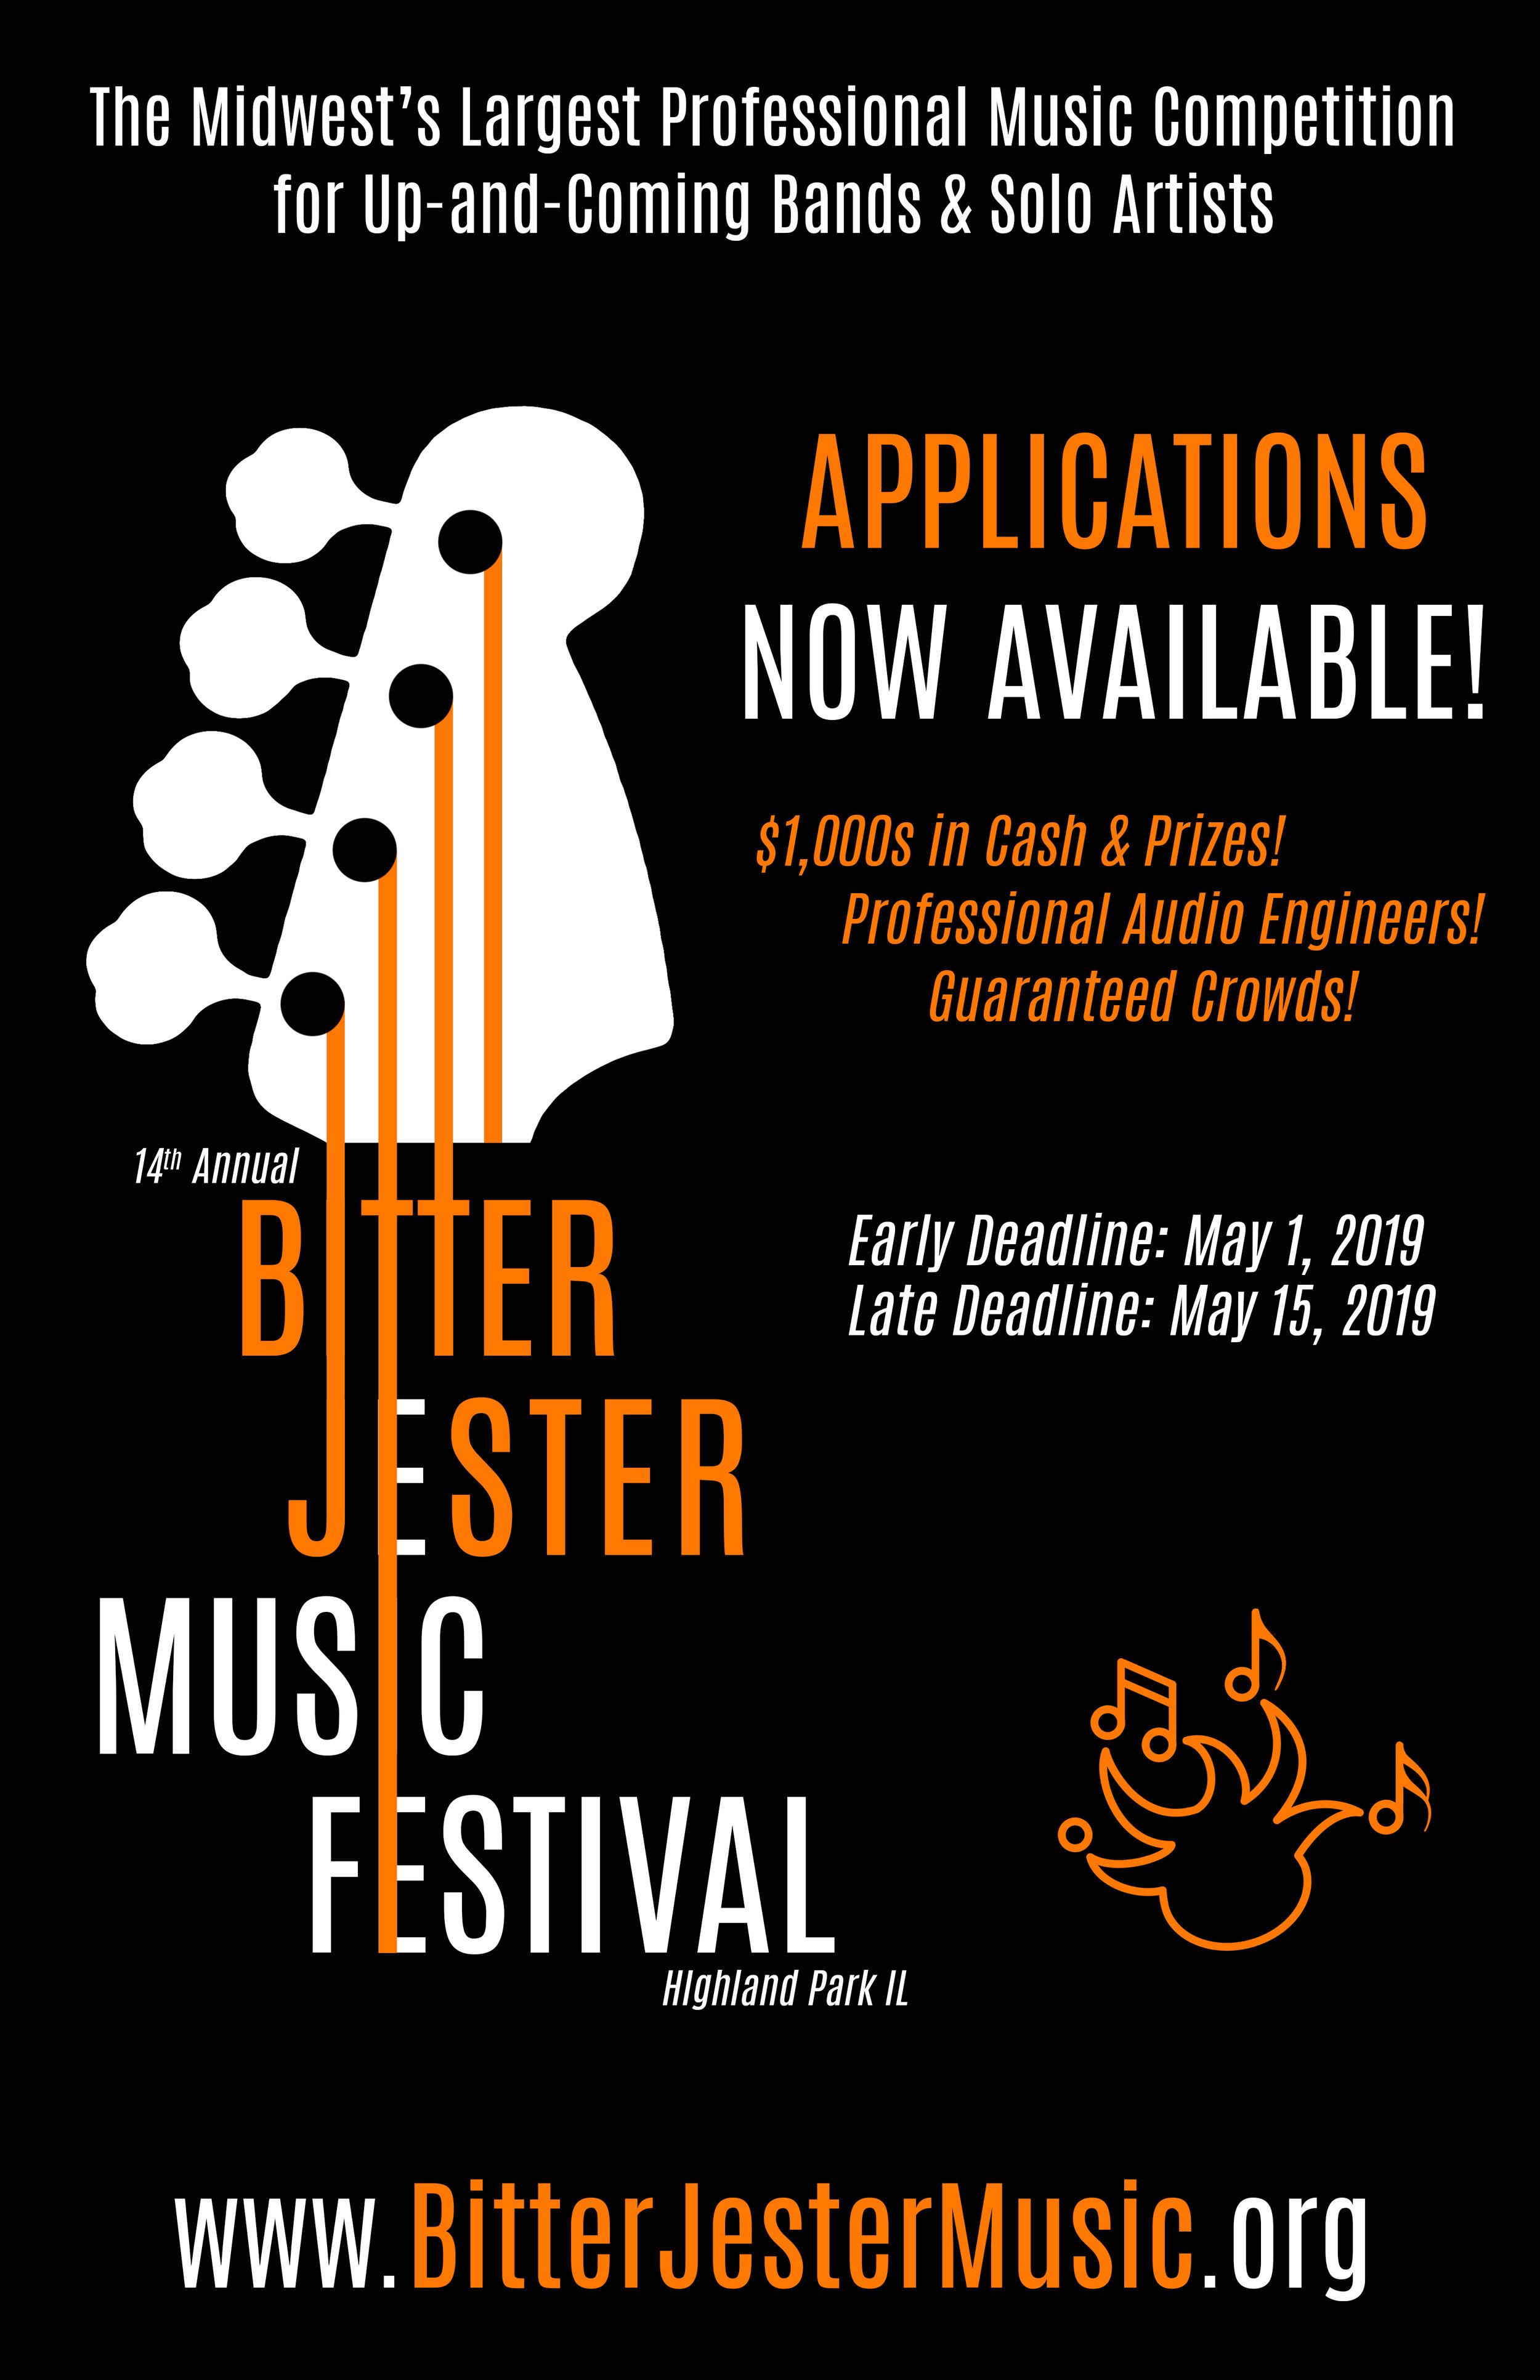 Bitter-Jester-Music-Festival-Applications-Poster-2019